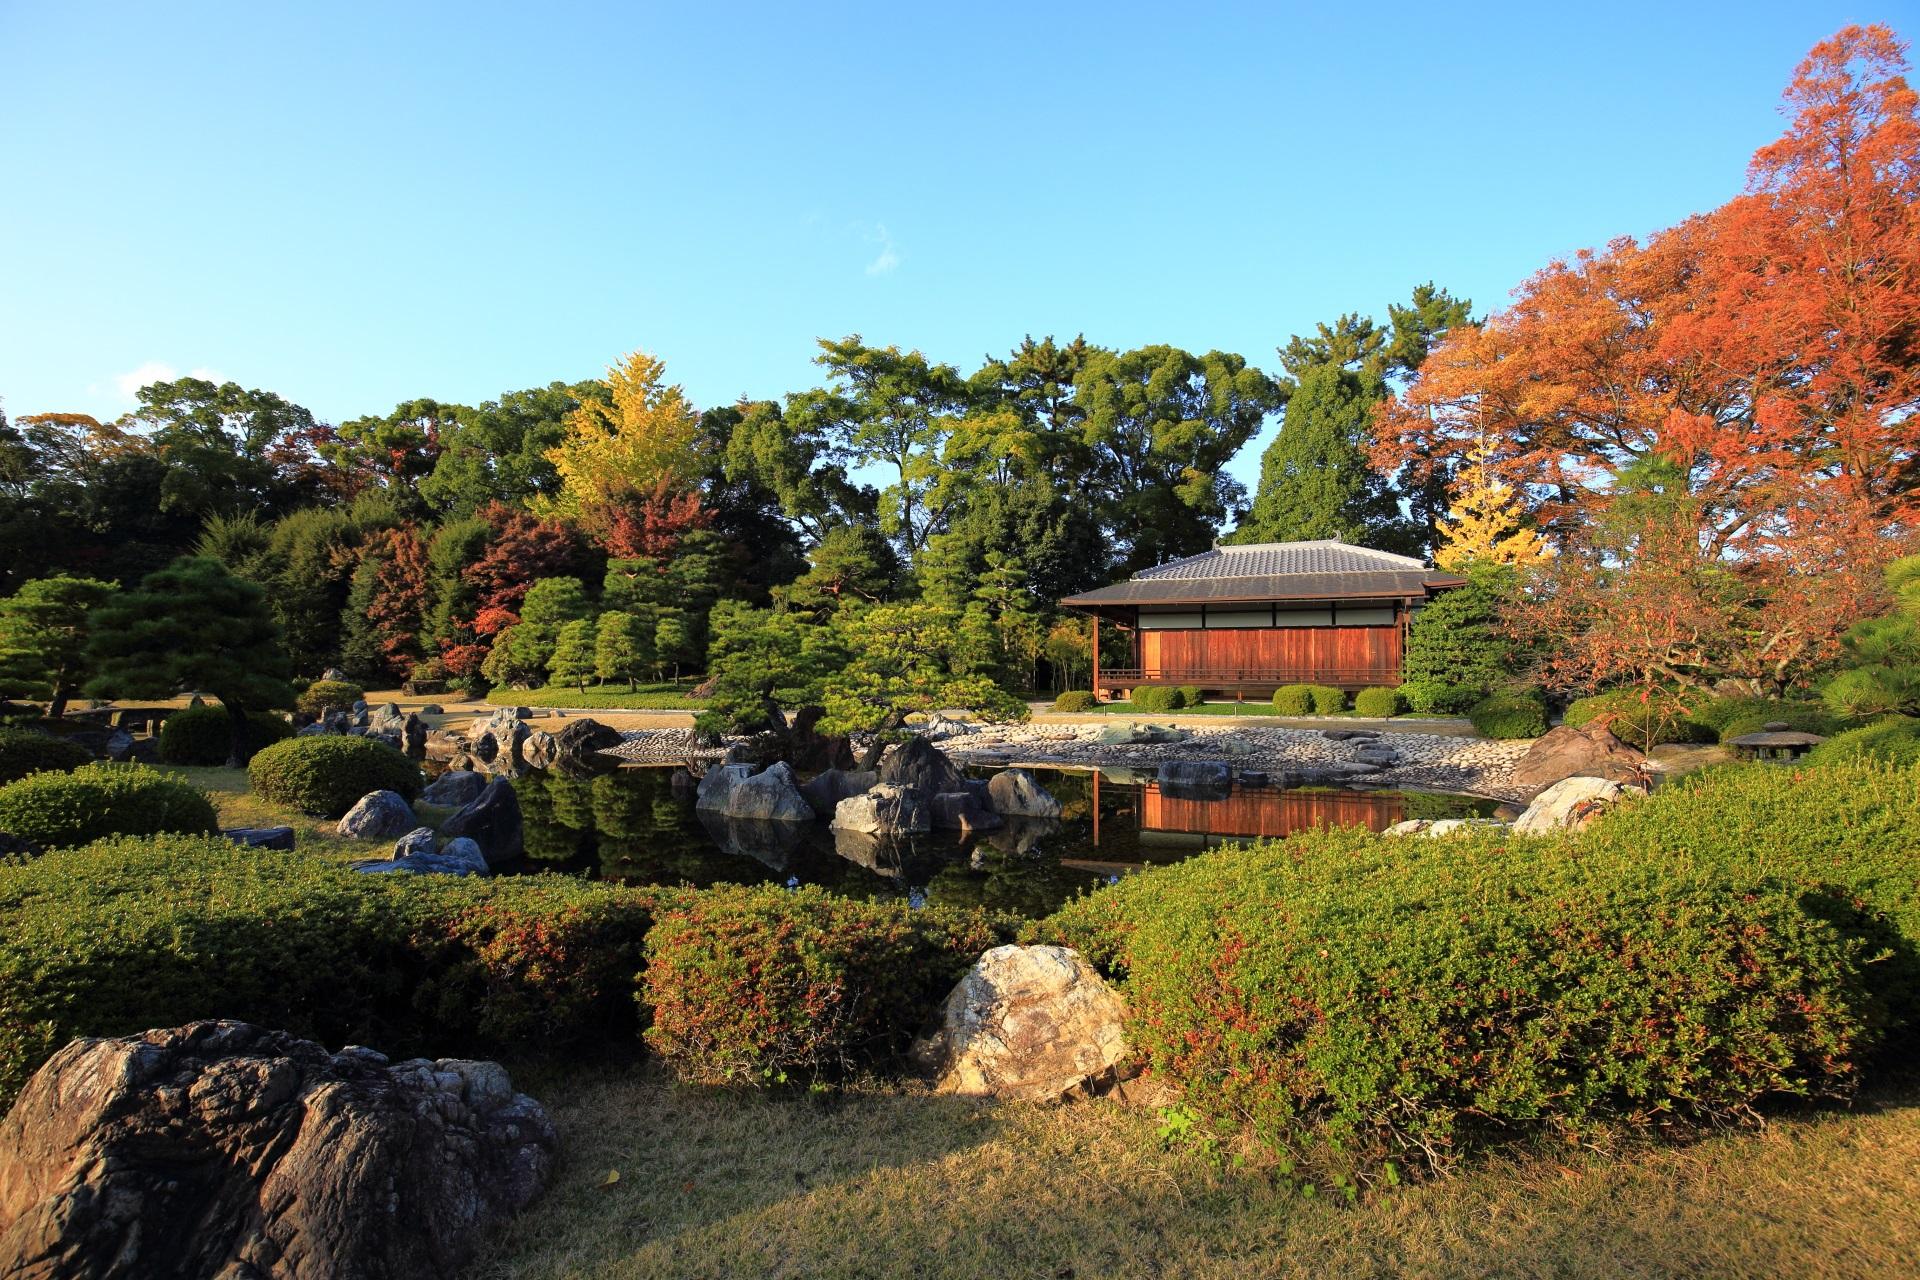 多種多様な植物や木々と色合いが見られる秋の清流園